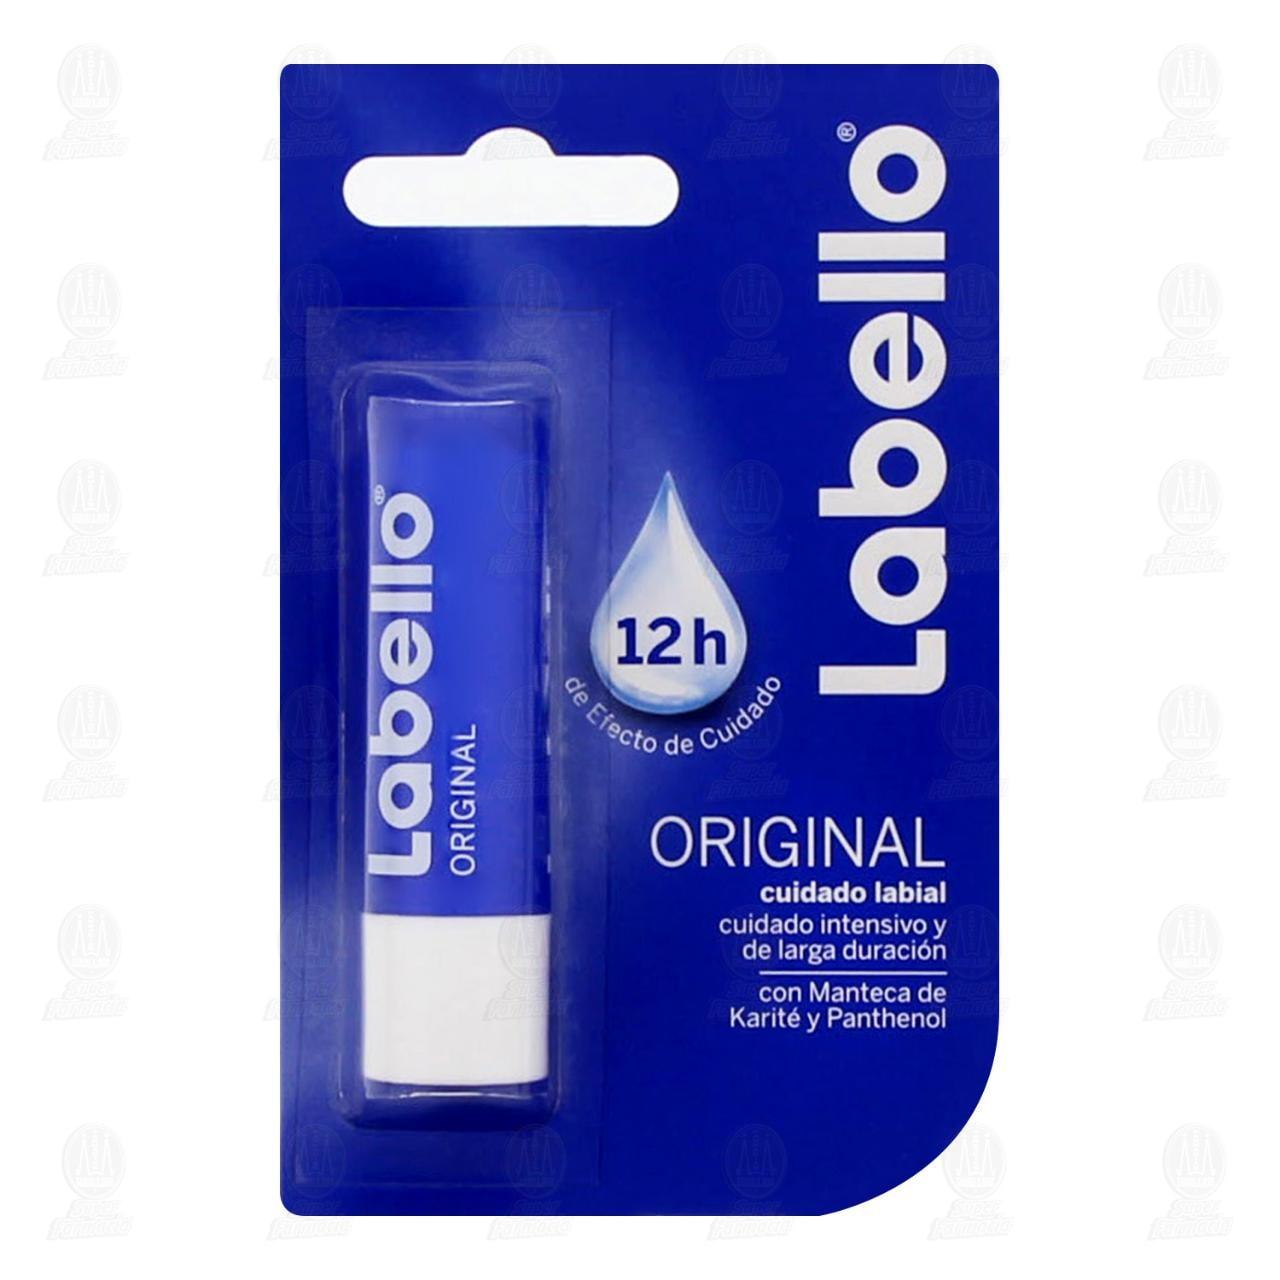 Protector labial Labello Original 12 horas de Cuidado, 4.8 gr.